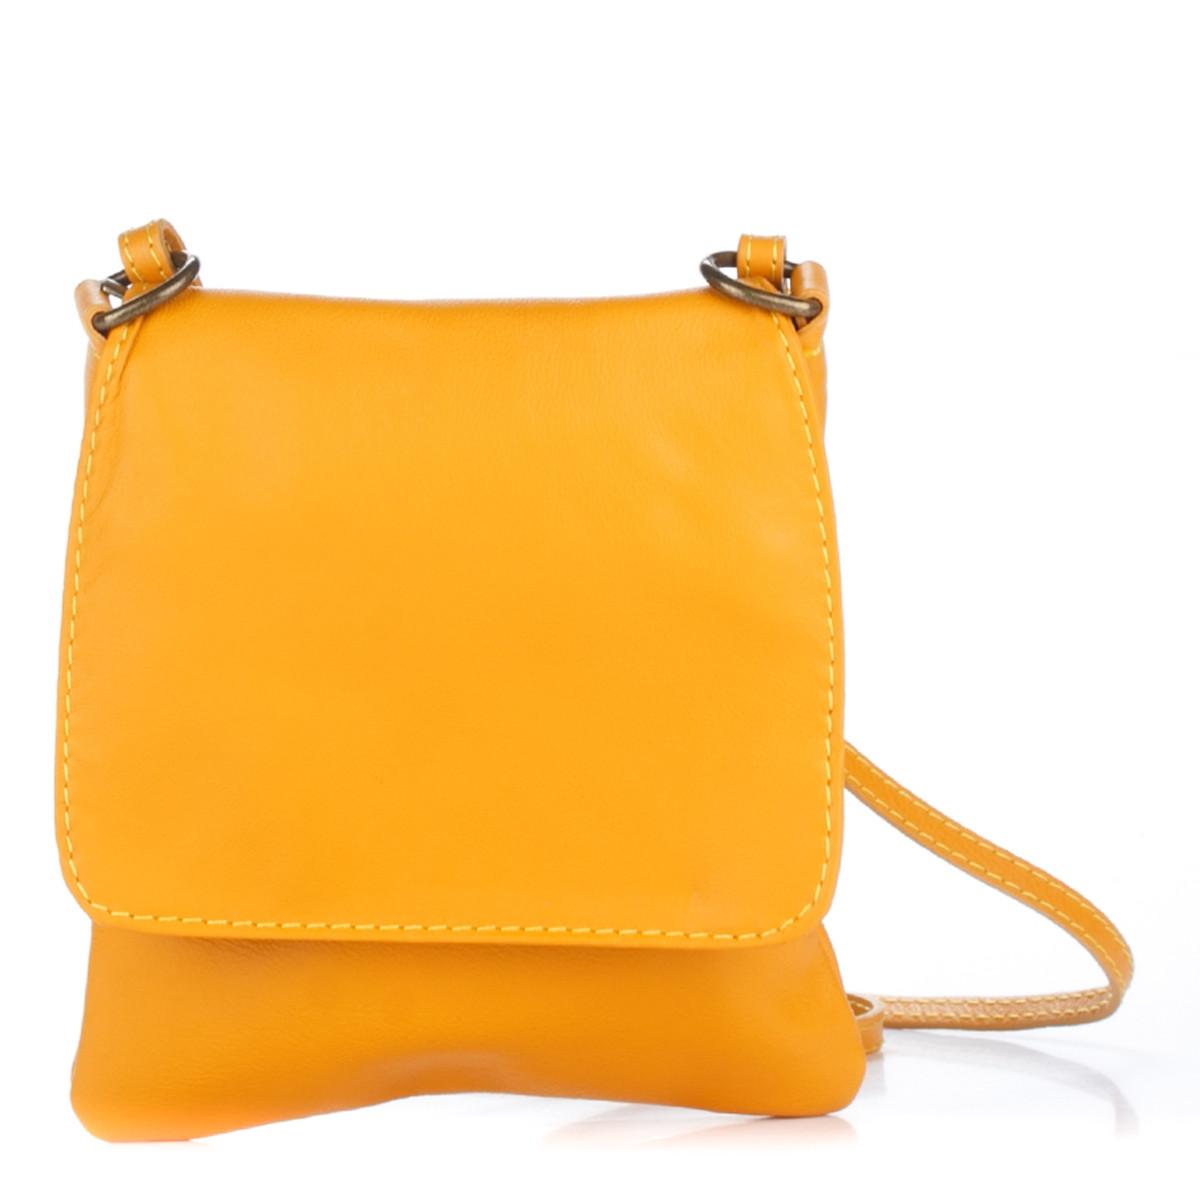 Женская кожаная сумка 505 желтого цвета Италия